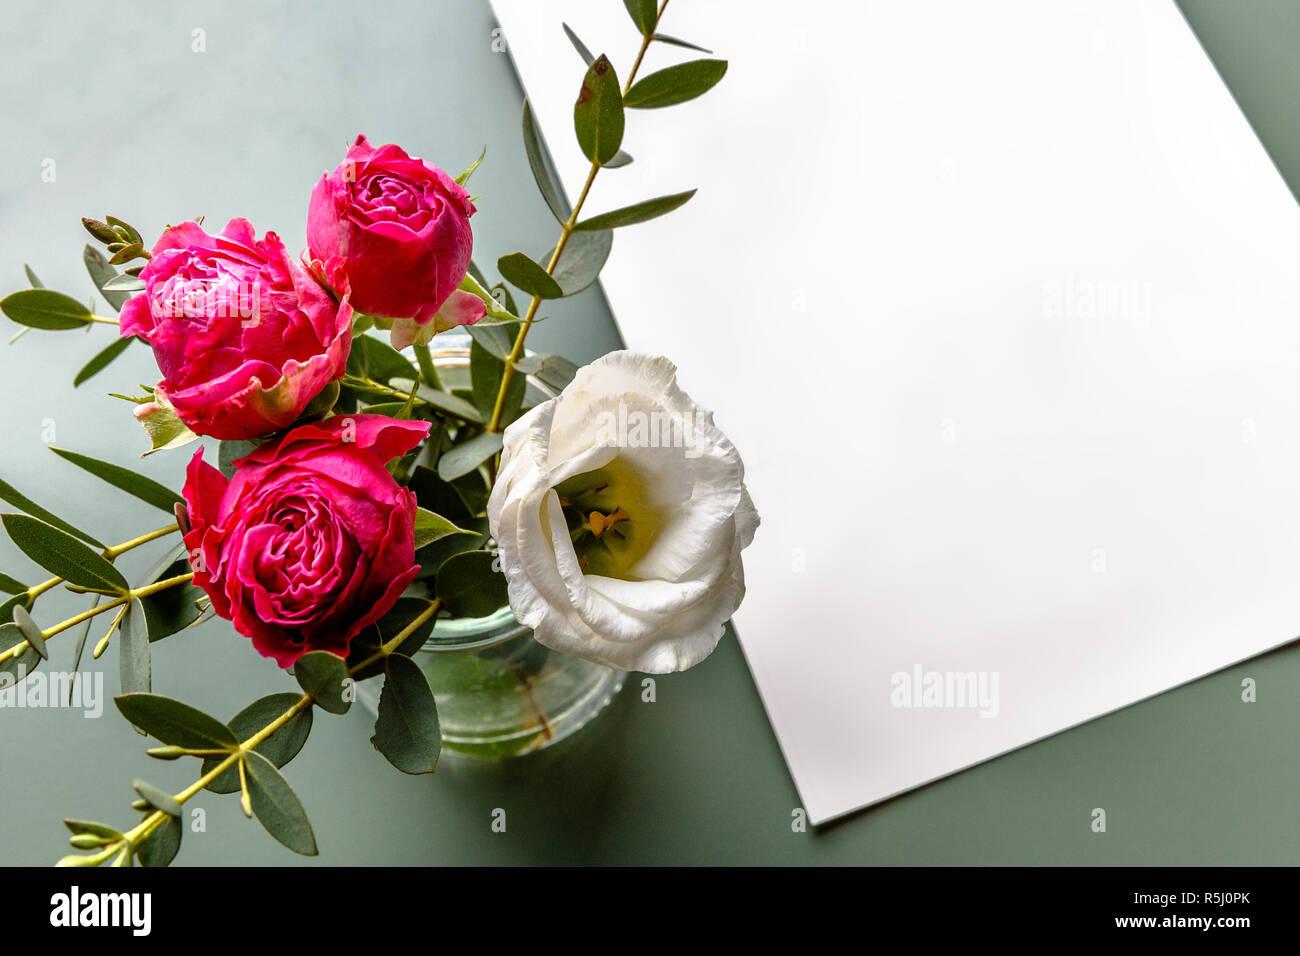 Blumenstrauß Rosa Und Weißen Blüten Stück Papier Auf Einem